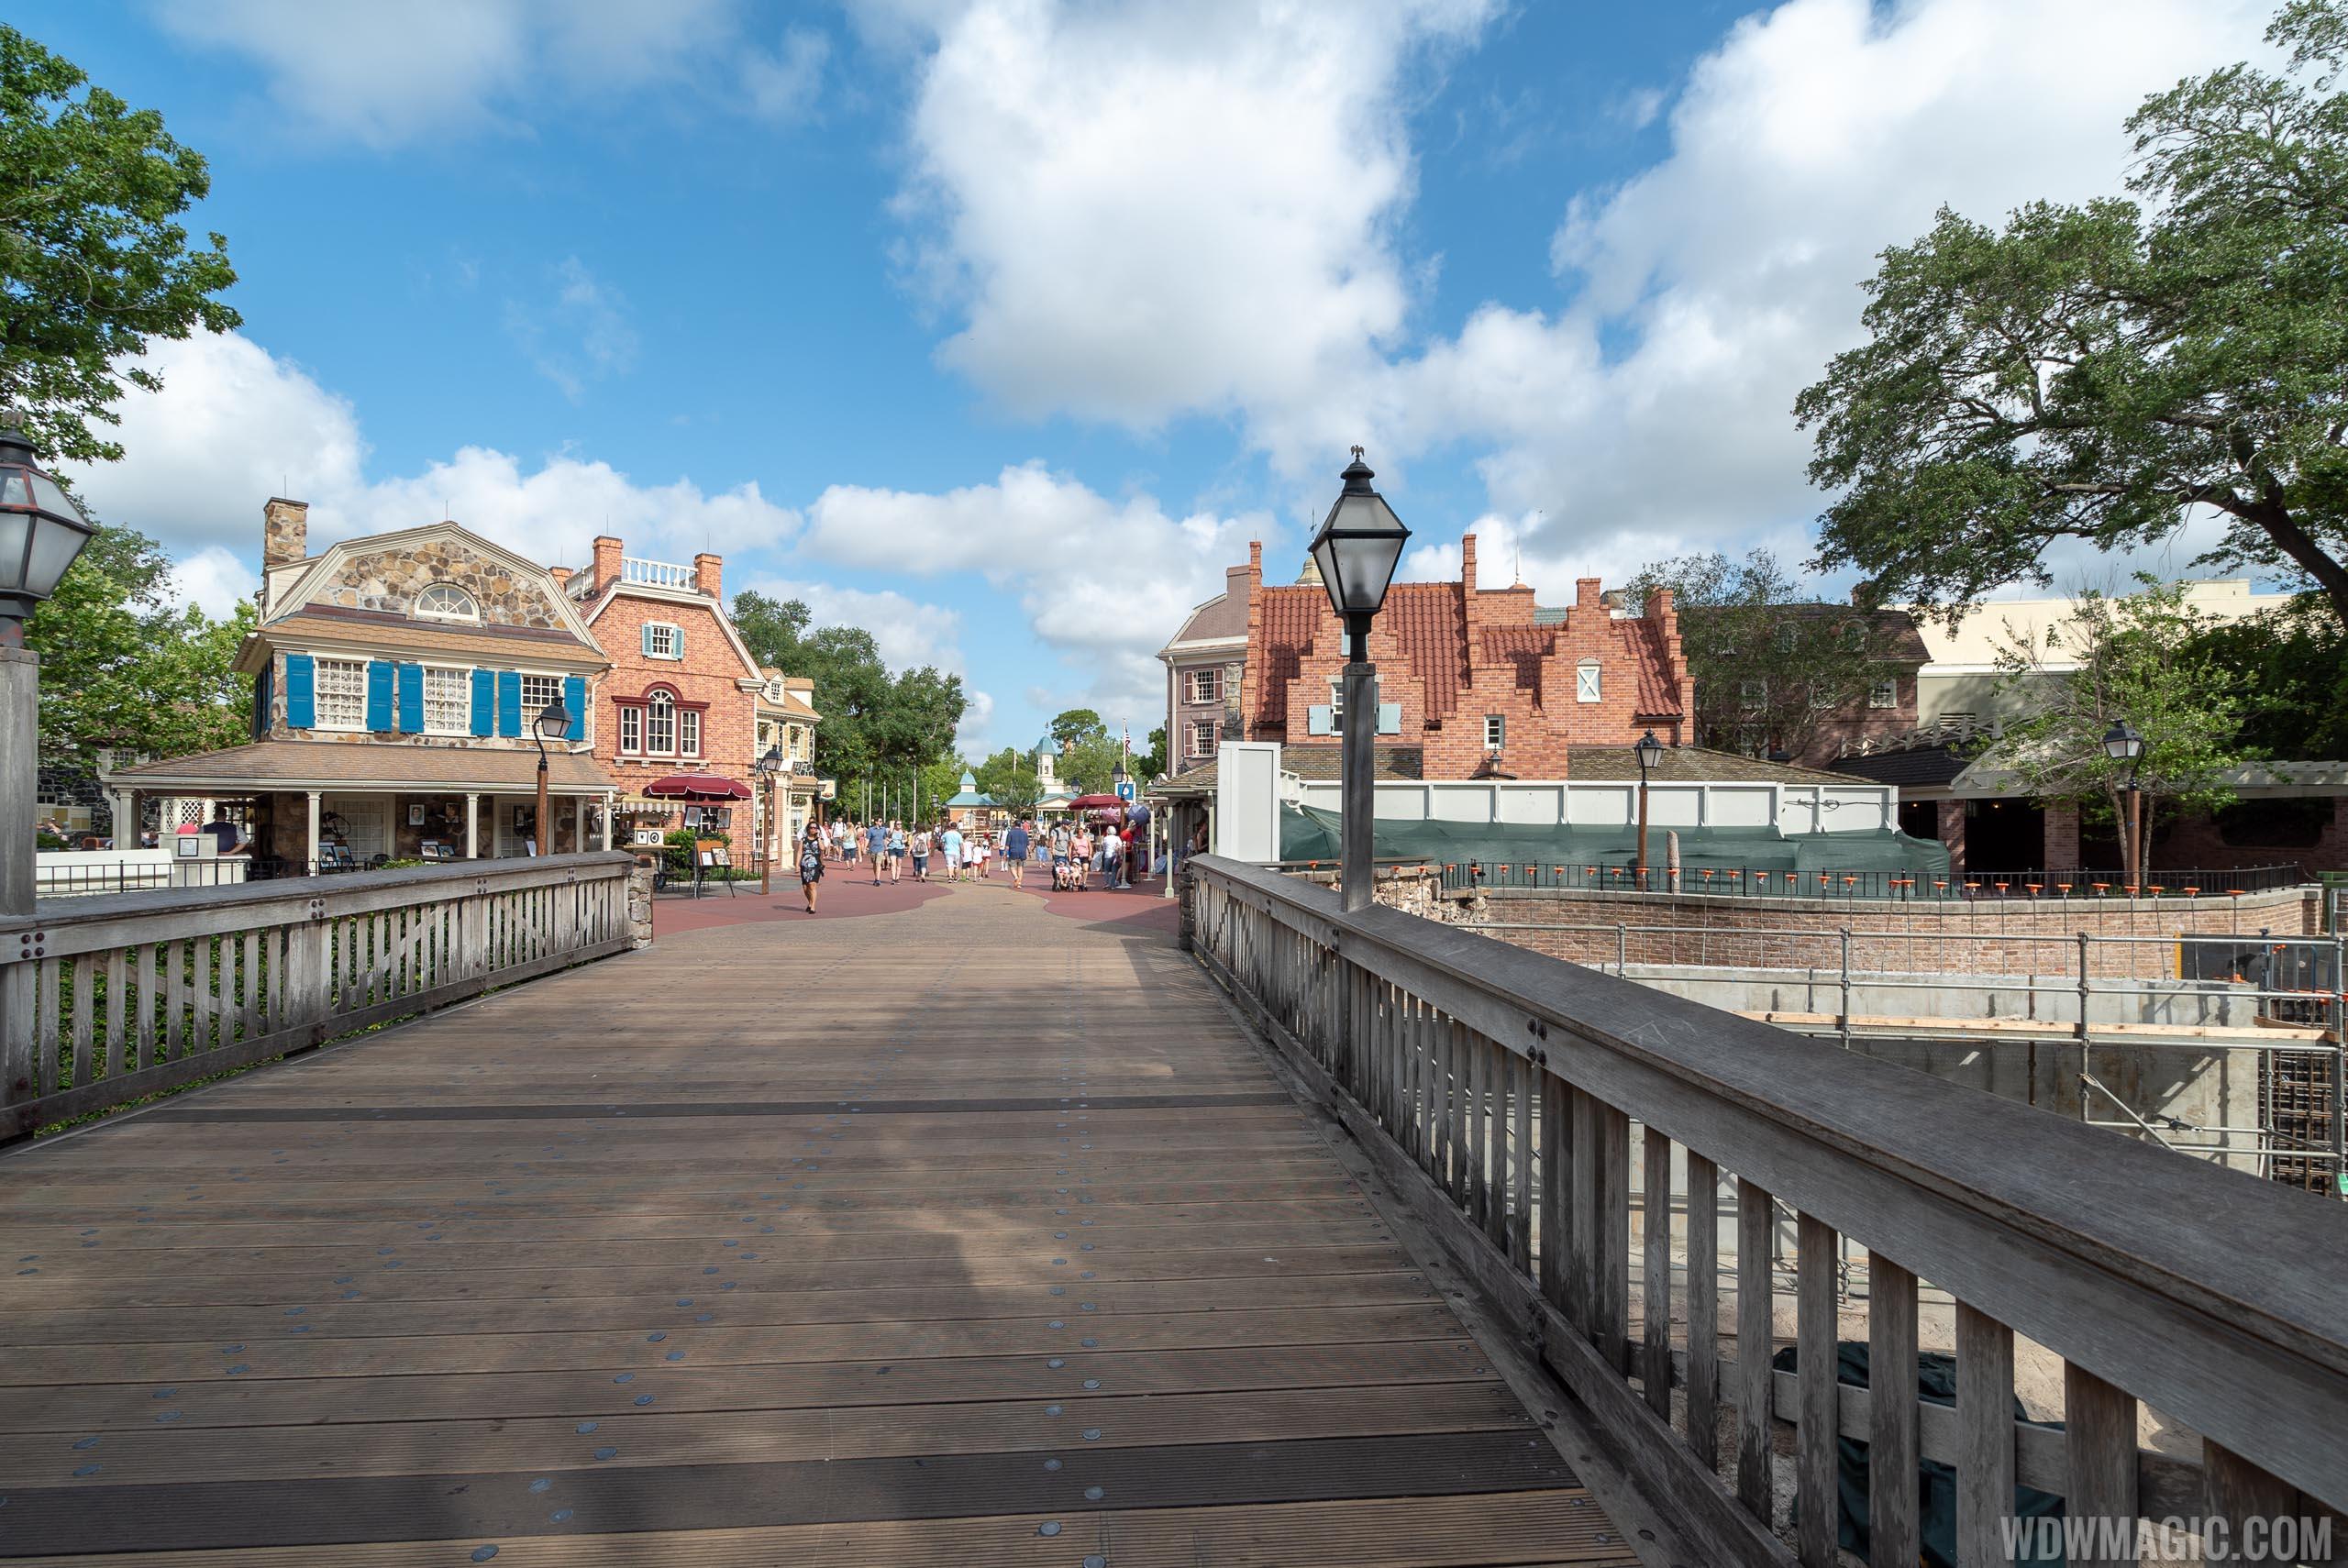 Liberty Square to Fantasyland walkway expansion construction - May 2019